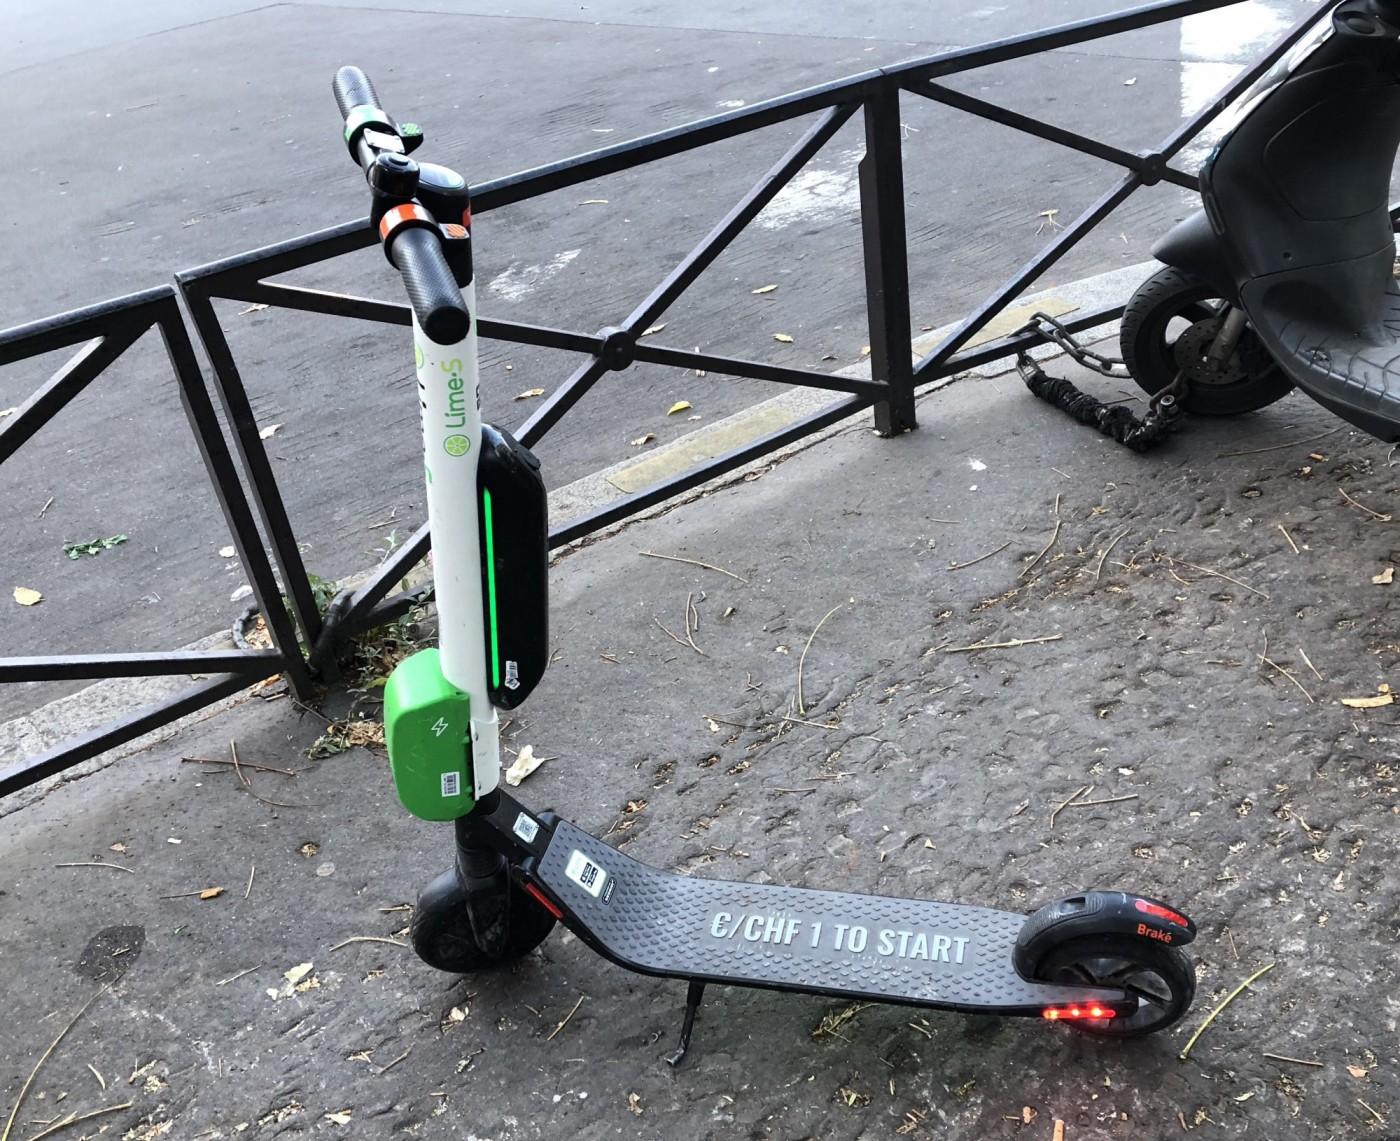 巴黎觀光交通新選擇:共享電動滑板車實測與攻略